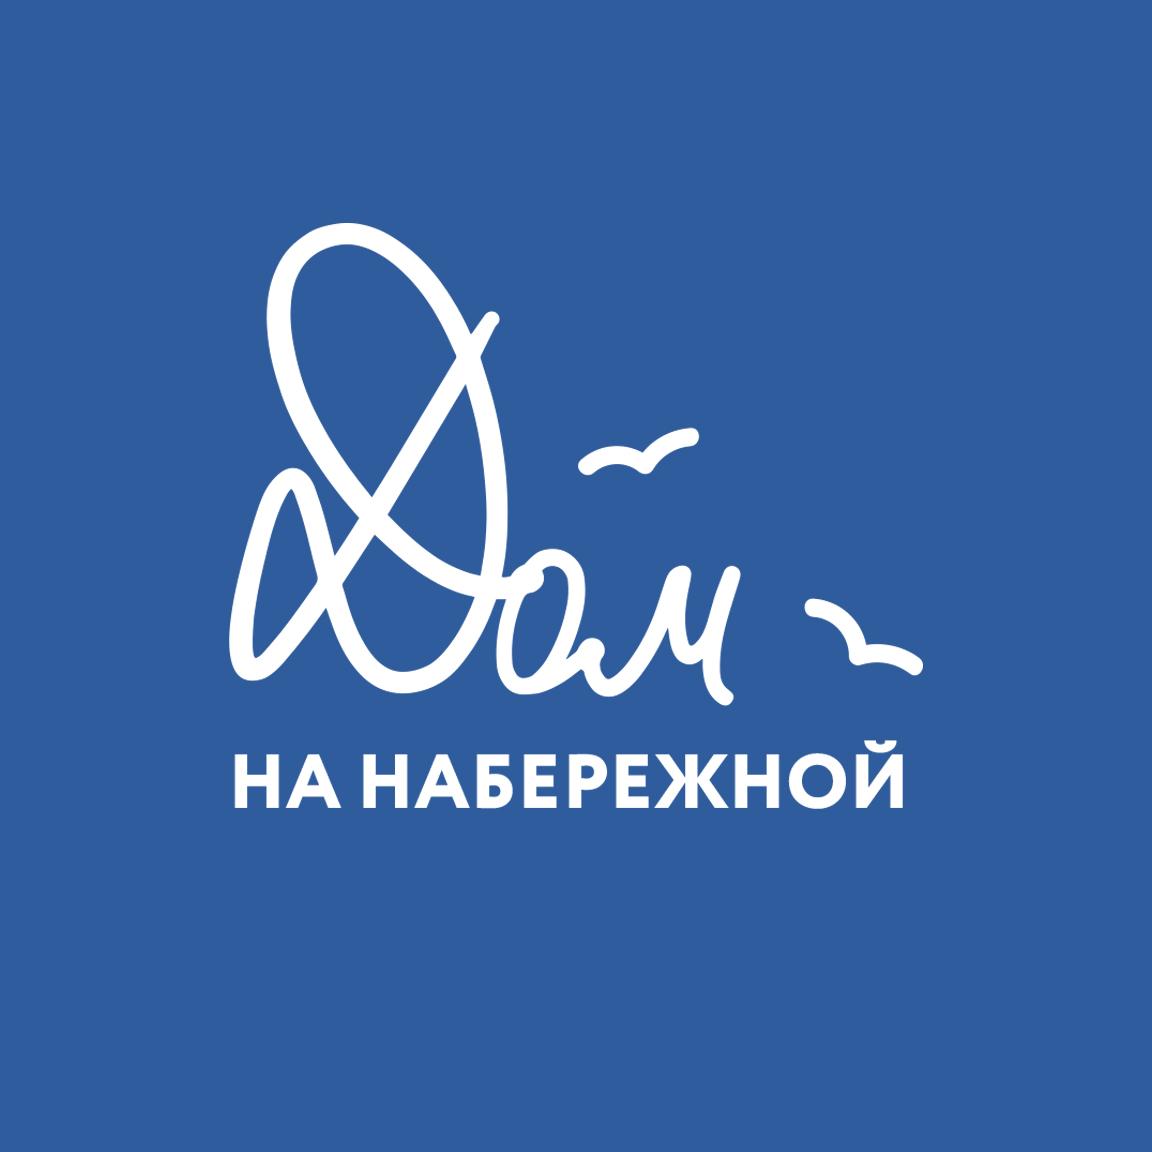 РАЗРАБОТКА логотипа для ЖИЛОГО КОМПЛЕКСА премиум В АНАПЕ.  фото f_0305de7f1c84e8aa.jpg